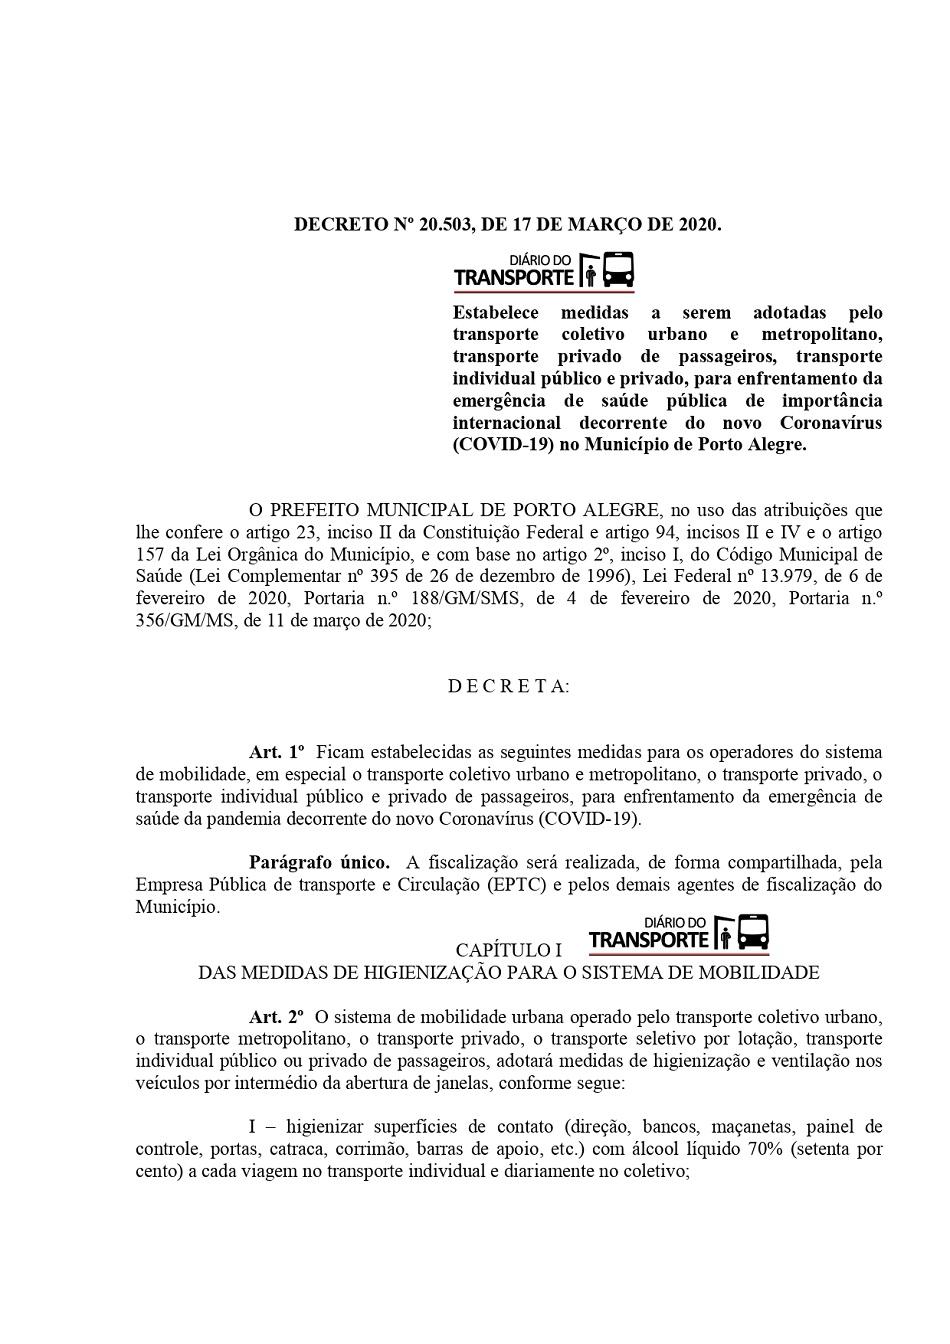 Decreto_POA_01